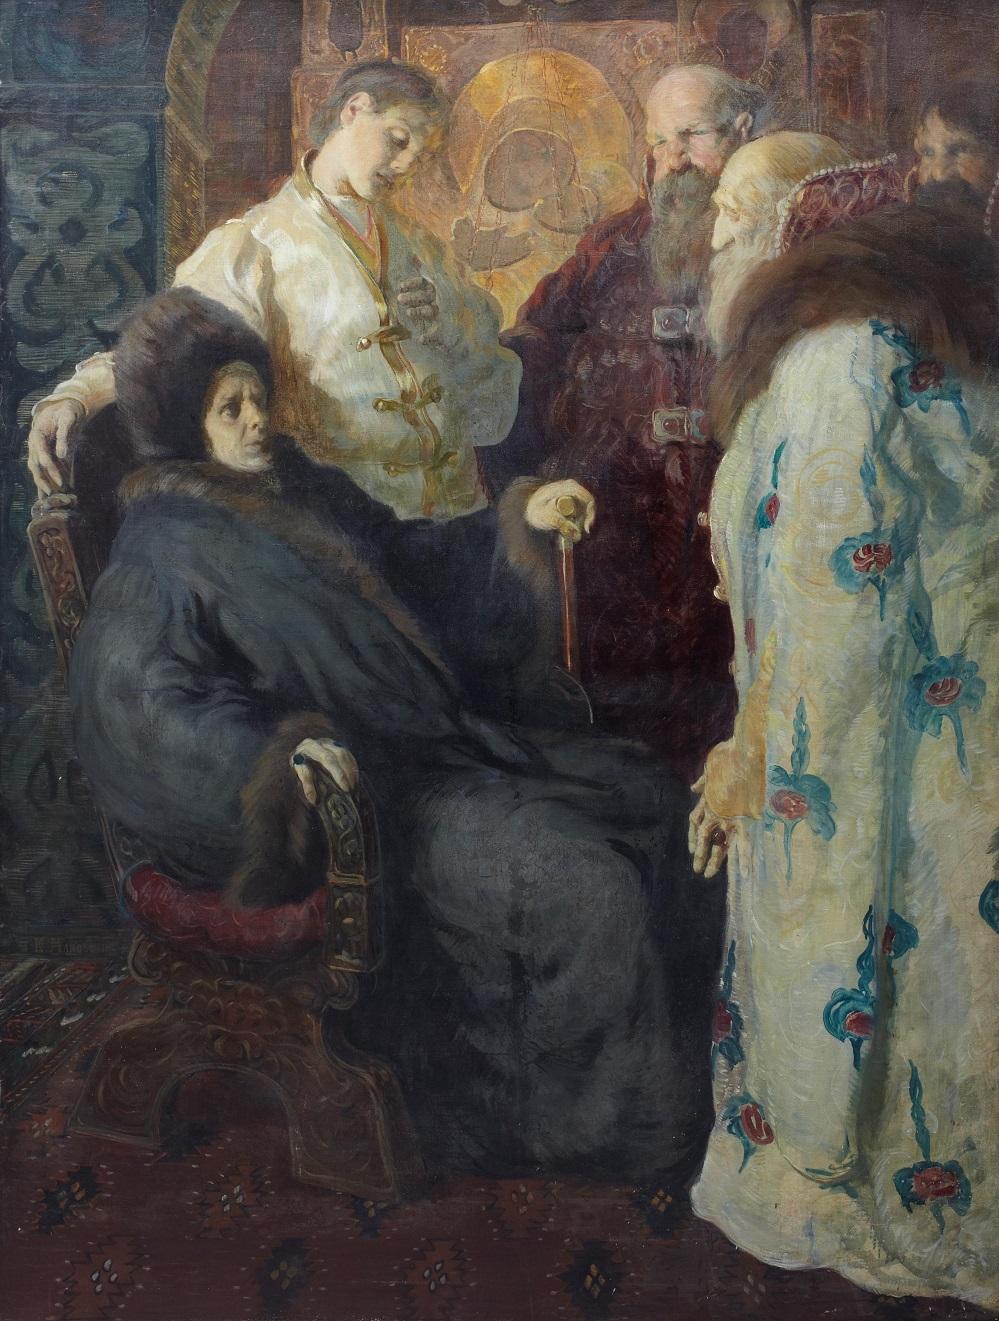 Послы земского собора пытаются убедить монахиню Марфу, что ее сын Михаил Федорович Романов должен принять корону. Сцена состоялась в Ипатьевском монастыре 24 марта 1613 года